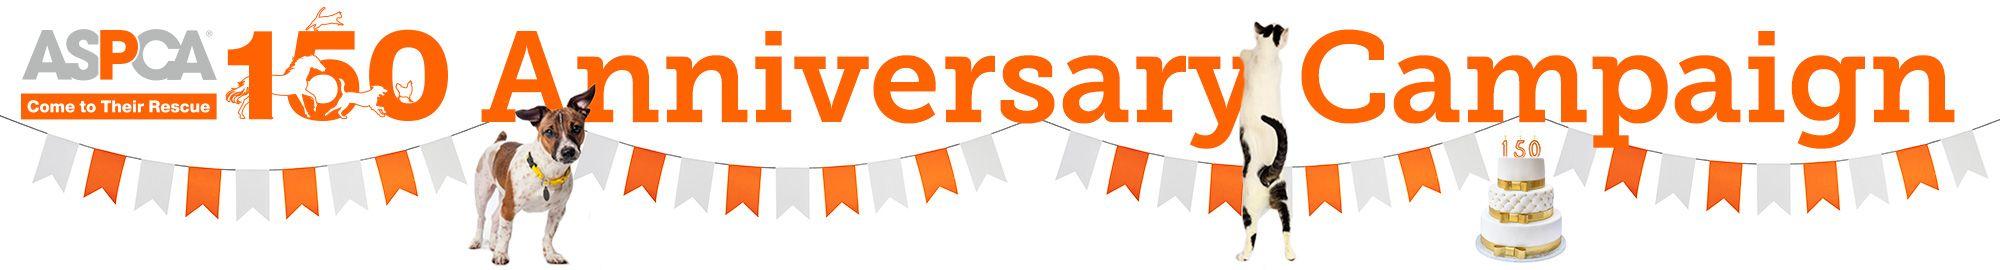 ASPCA 150th Anniversary Campaign